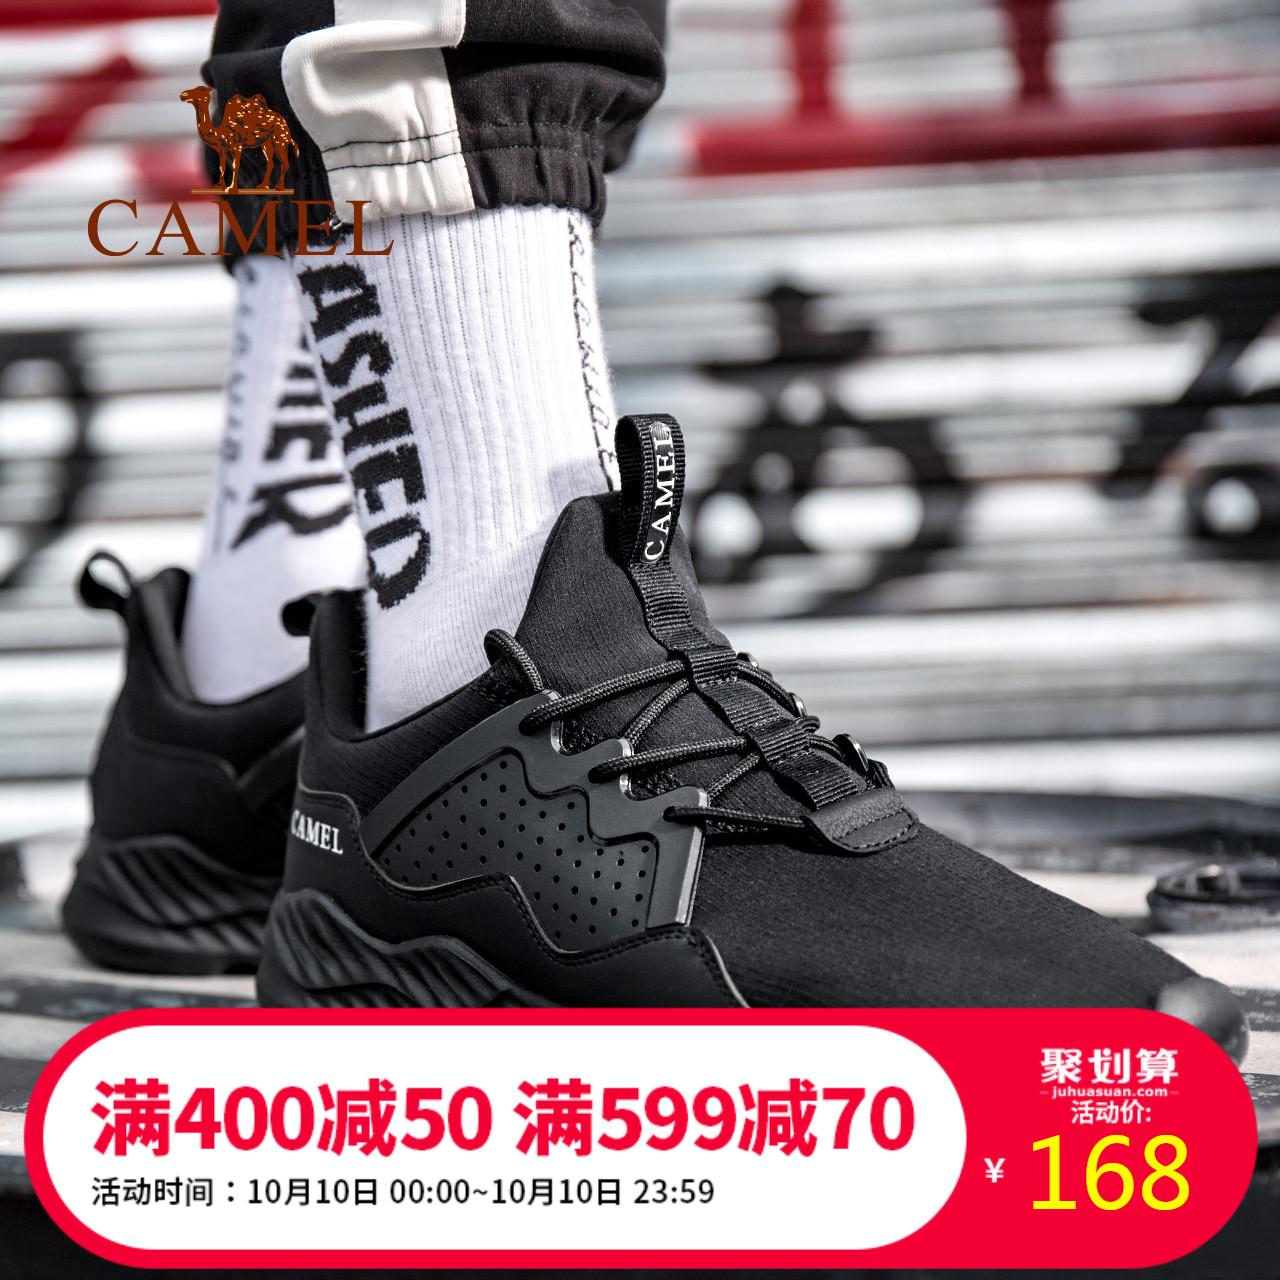 骆驼运动鞋2018新款秋冬男女减震耐磨学生时尚透气舒适休闲跑步鞋